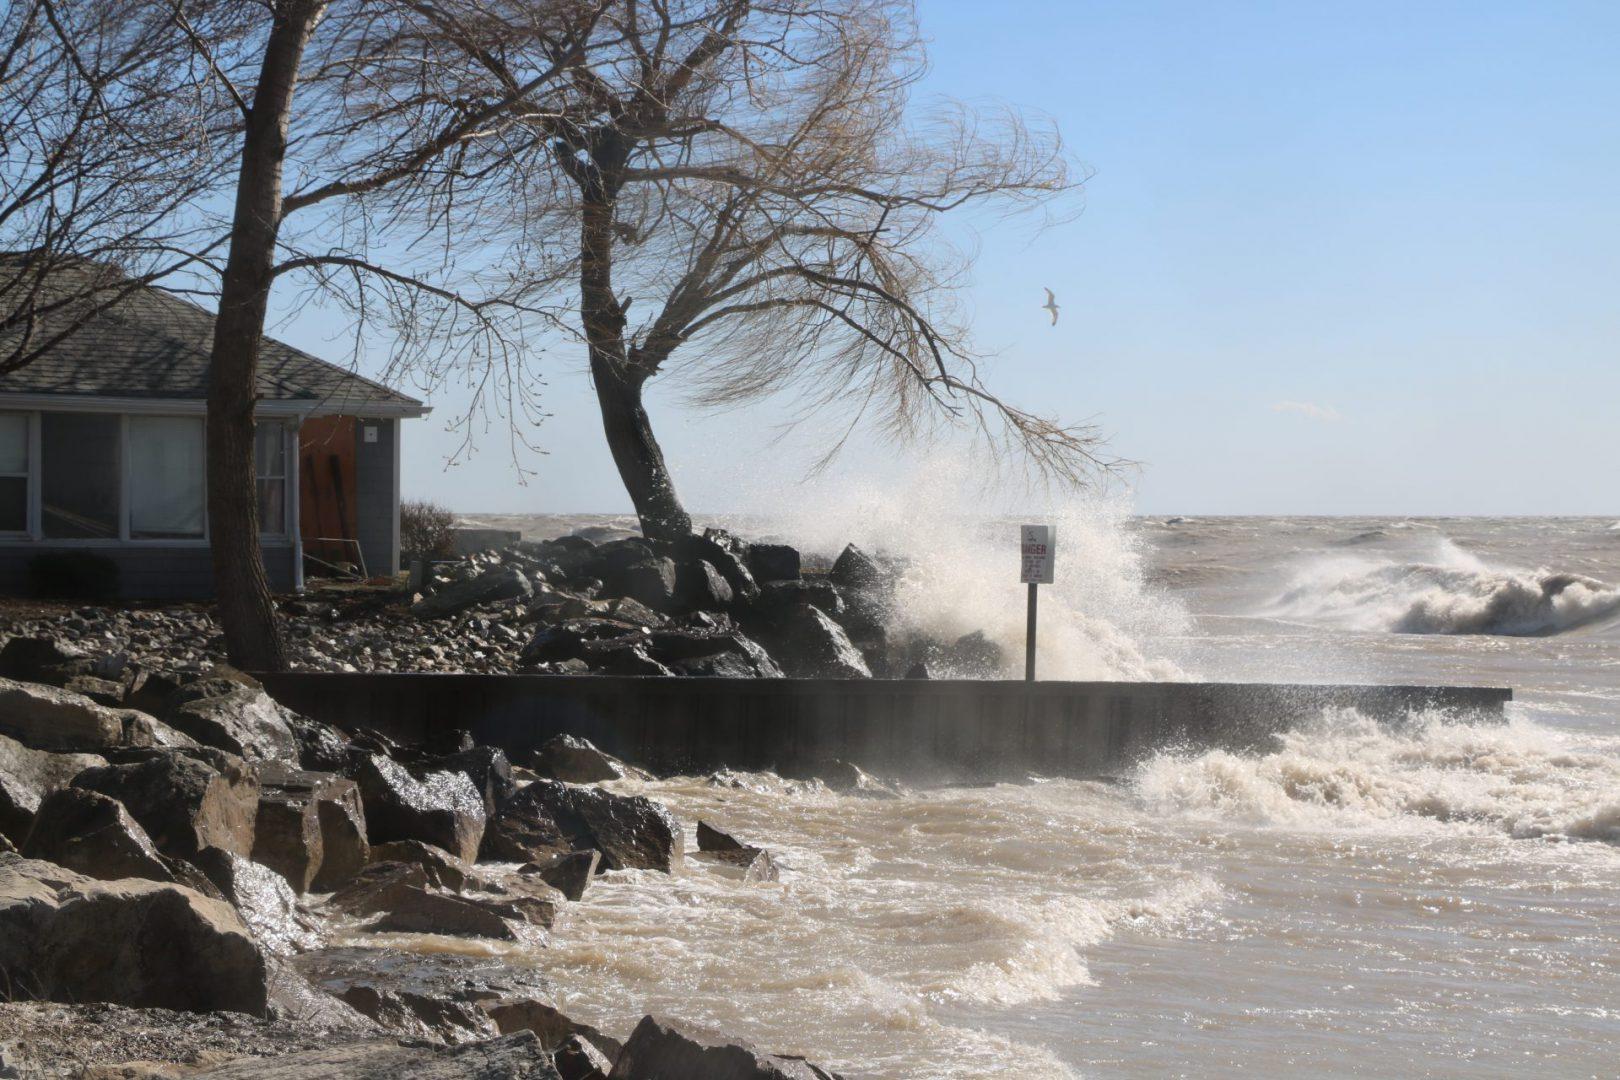 waves crashing over a shoreline